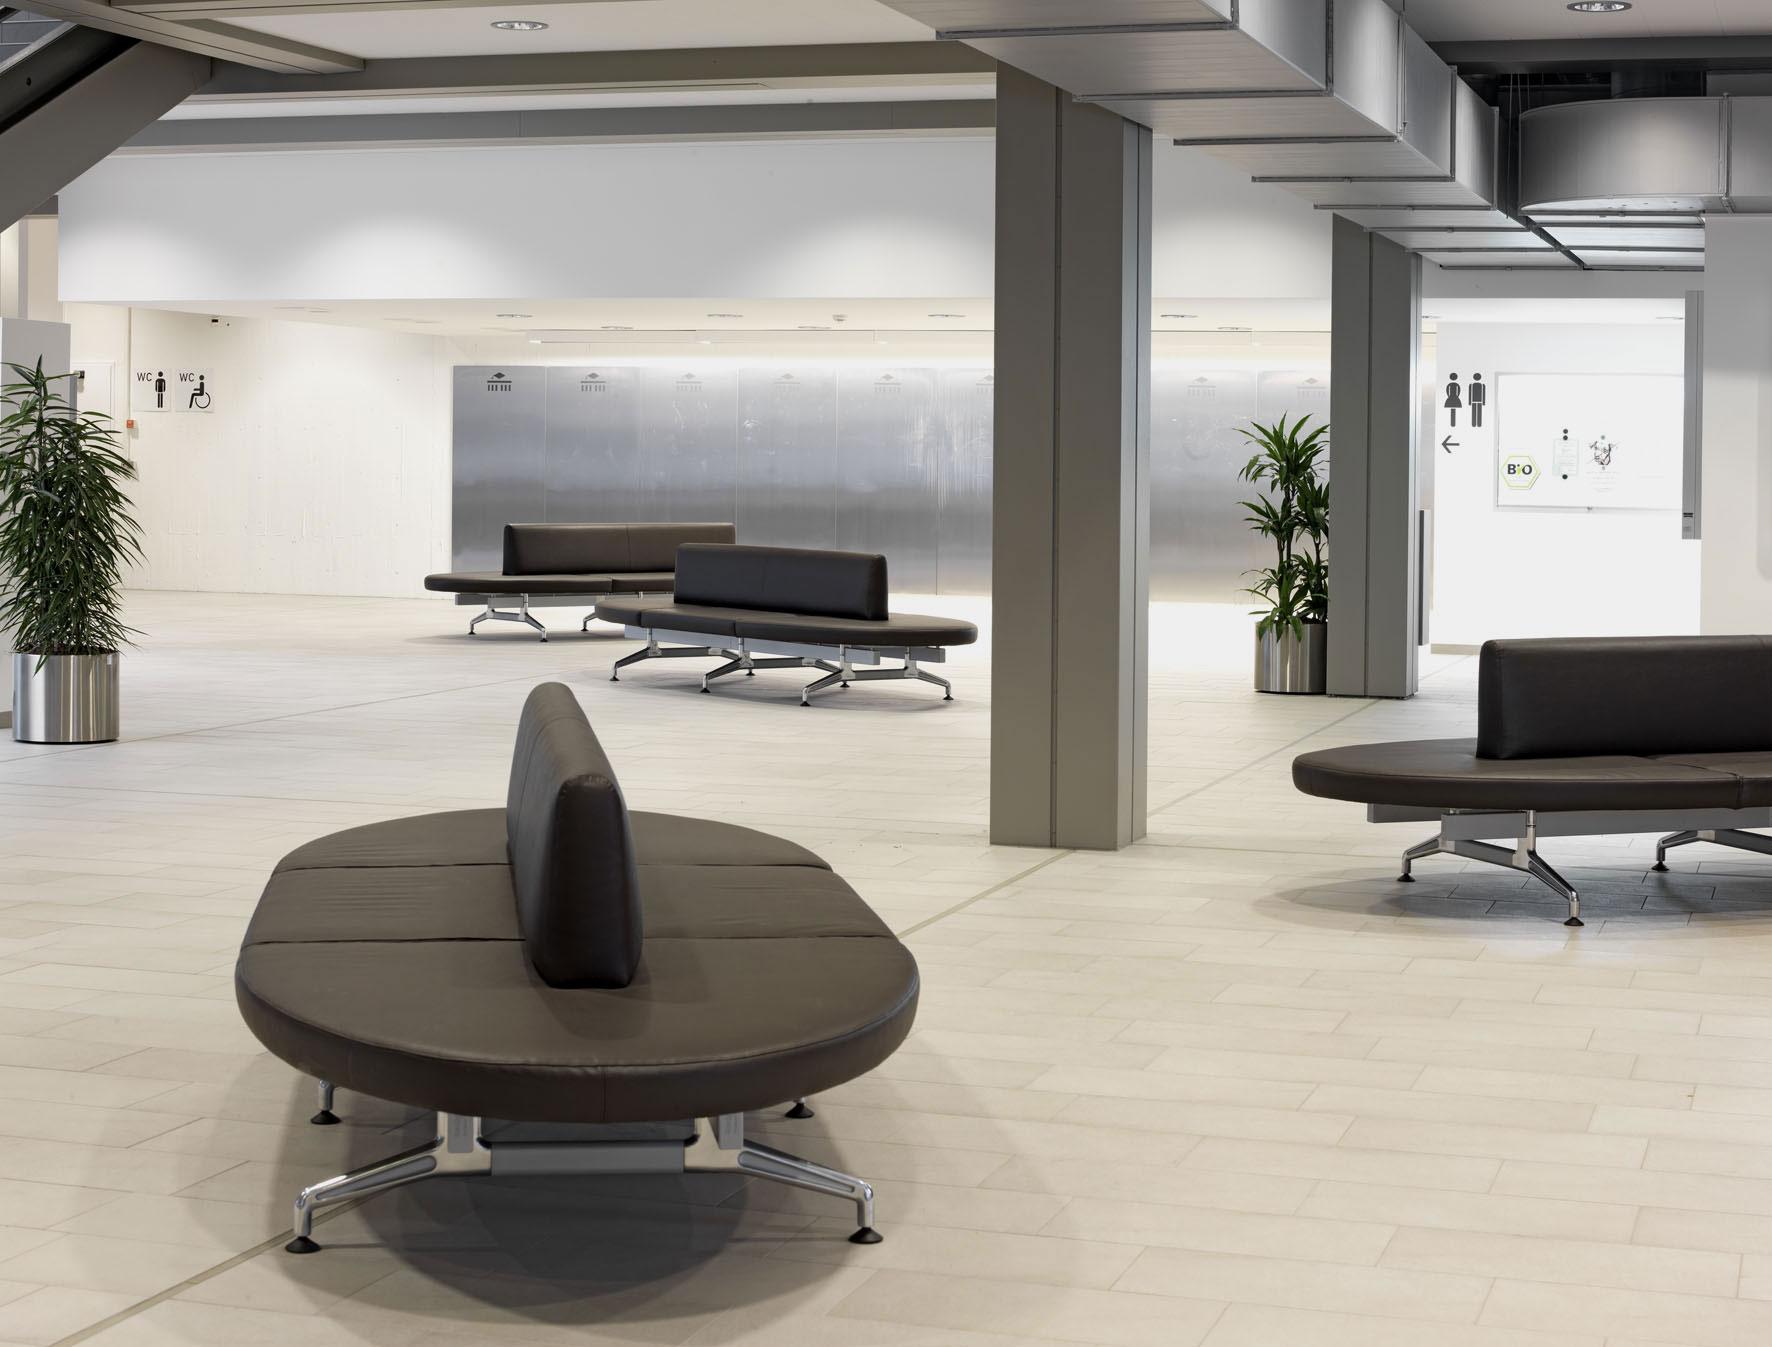 aus alt mach neu erhaltung renovieren hsb beck ausbauen renovieren einrichten. Black Bedroom Furniture Sets. Home Design Ideas